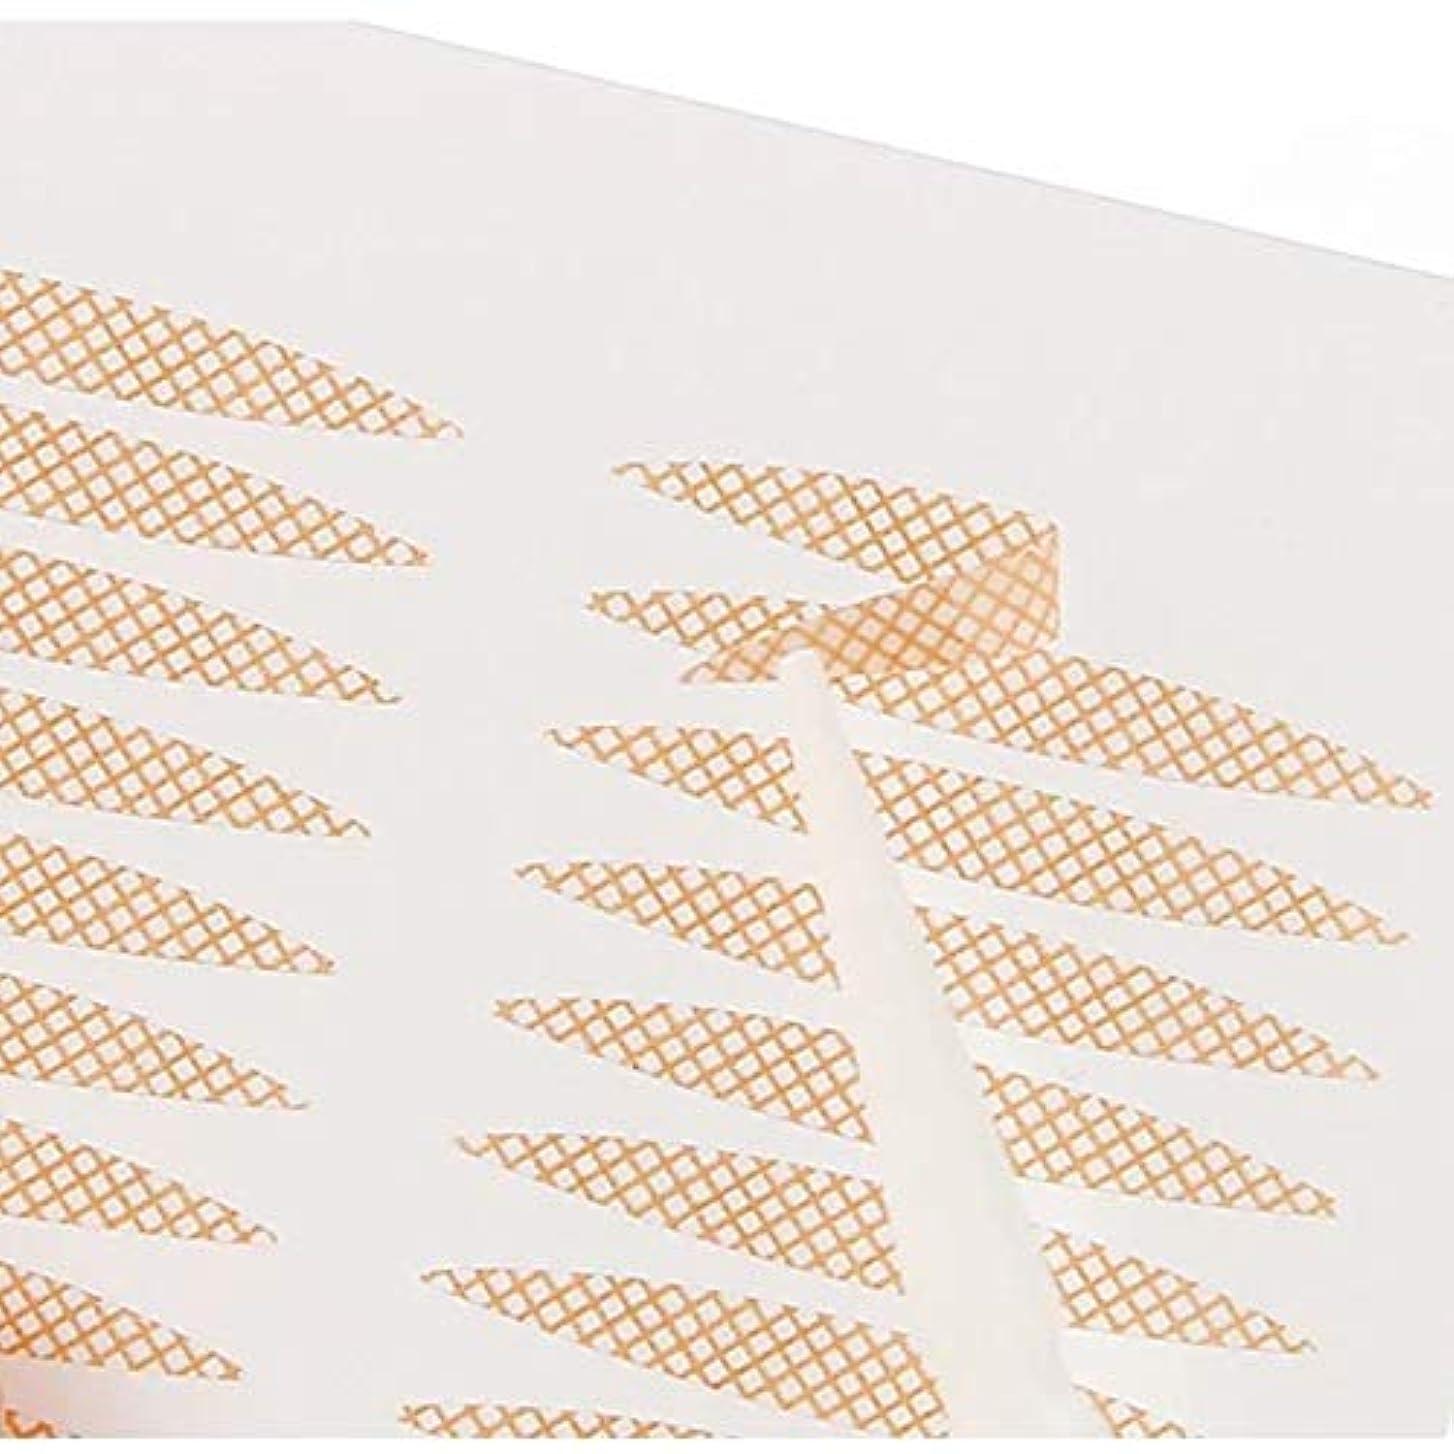 ぬいぐるみメダリスト移植SweetSweetShop メッシュ式二重テープ 二重まぶた アイテープ ふたえまぶたテープ 癖付け 絆創膏タイプ 半月型 楕円型 240枚 120回分 4ヶ月分 プッシャー付き (混合タイプ232枚)